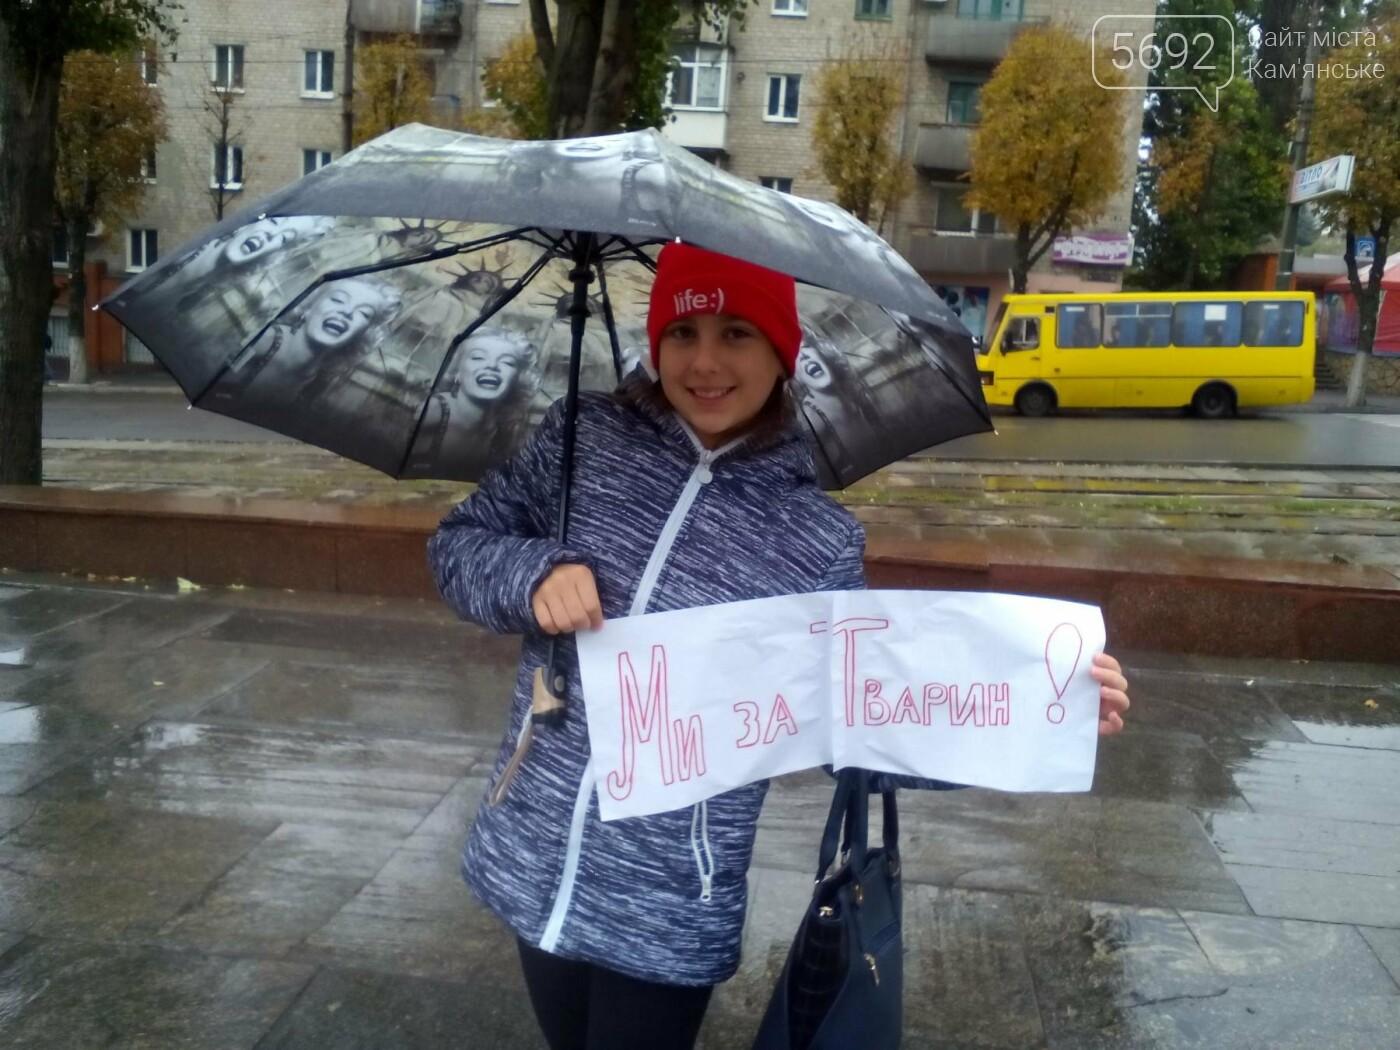 В Каменском прошел марш за права животных, фото-11